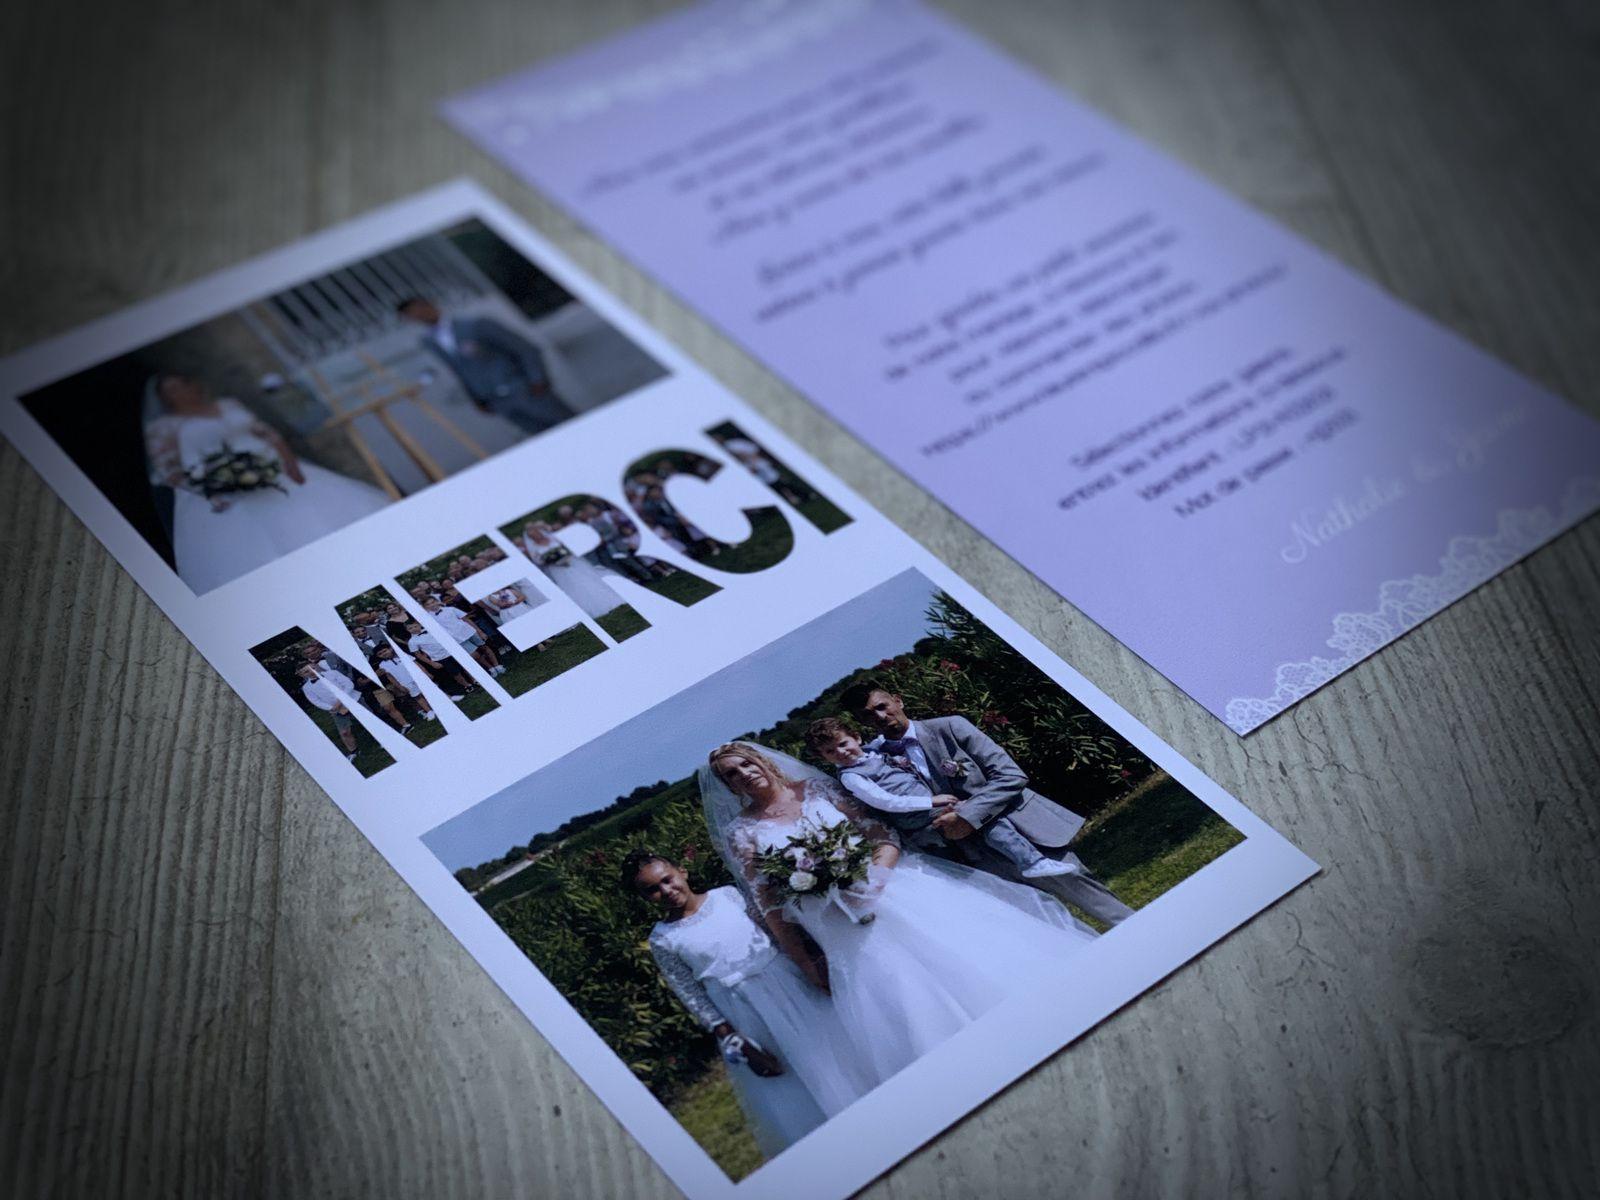 papeterie carte remerciements assortie au faire part de mariage #efdcbysoscrap RV°21x10cm dentelle photos merci texte et couleur à personnaliser sur mesure création originale